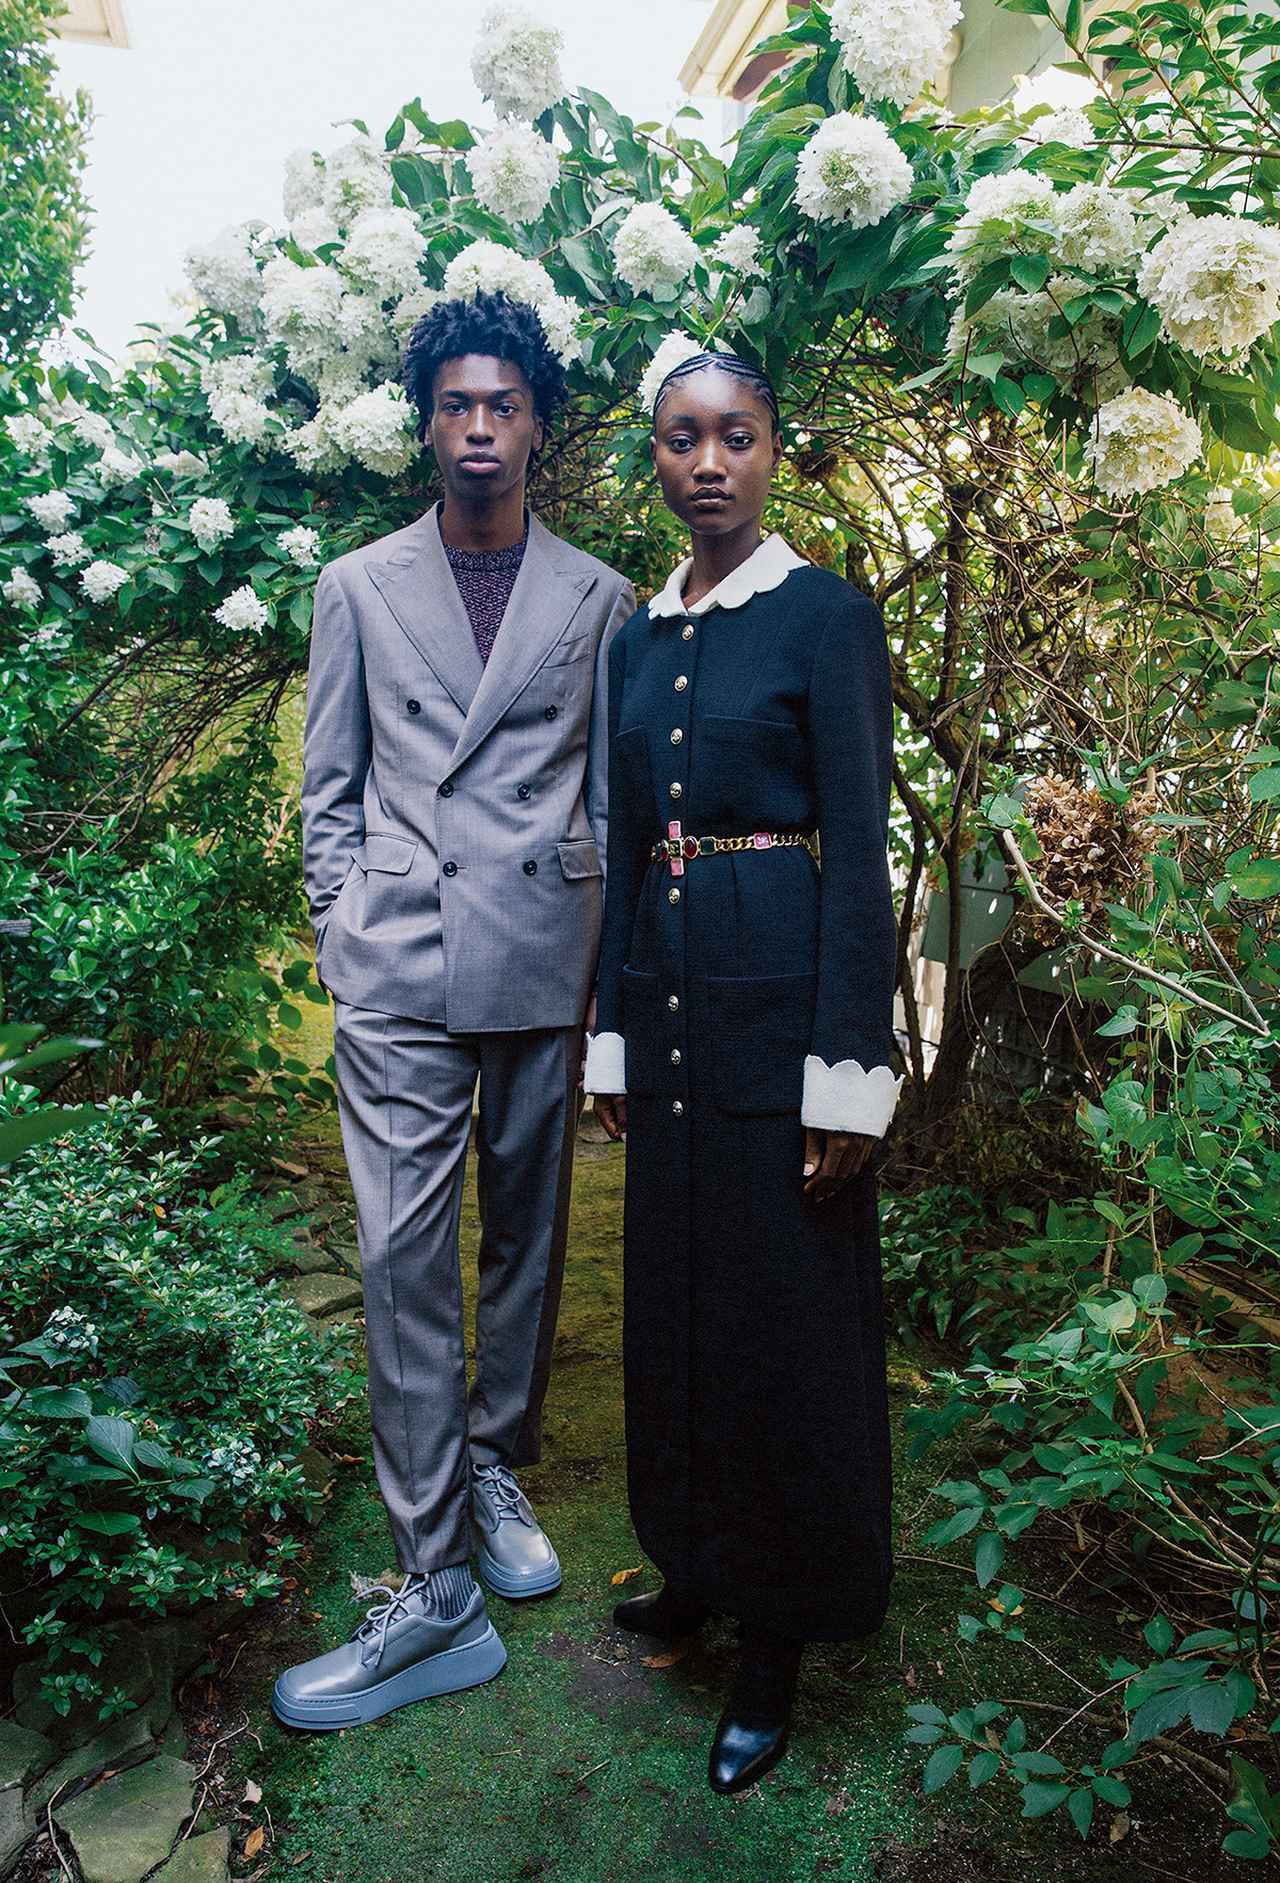 Images : 1番目の画像 - 「黒、グレー、ネイビーブルー 冬の散歩道は モノクロームの装いで」のアルバム - T JAPAN:The New York Times Style Magazine 公式サイト